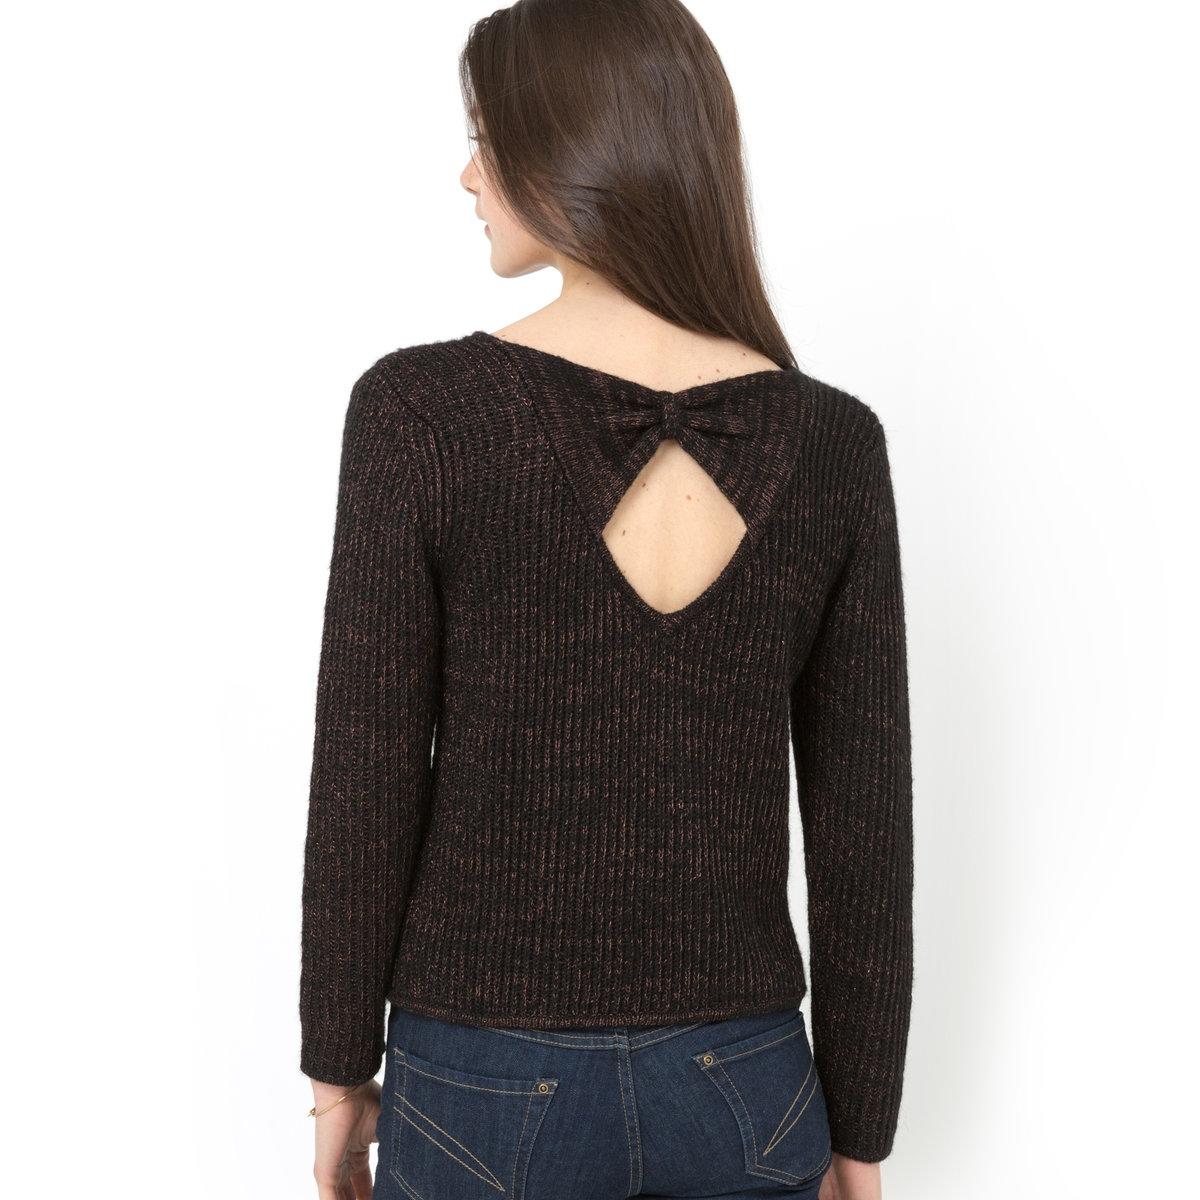 Пуловер из трикотажа с блеском, бант сзади<br><br>Цвет: черный